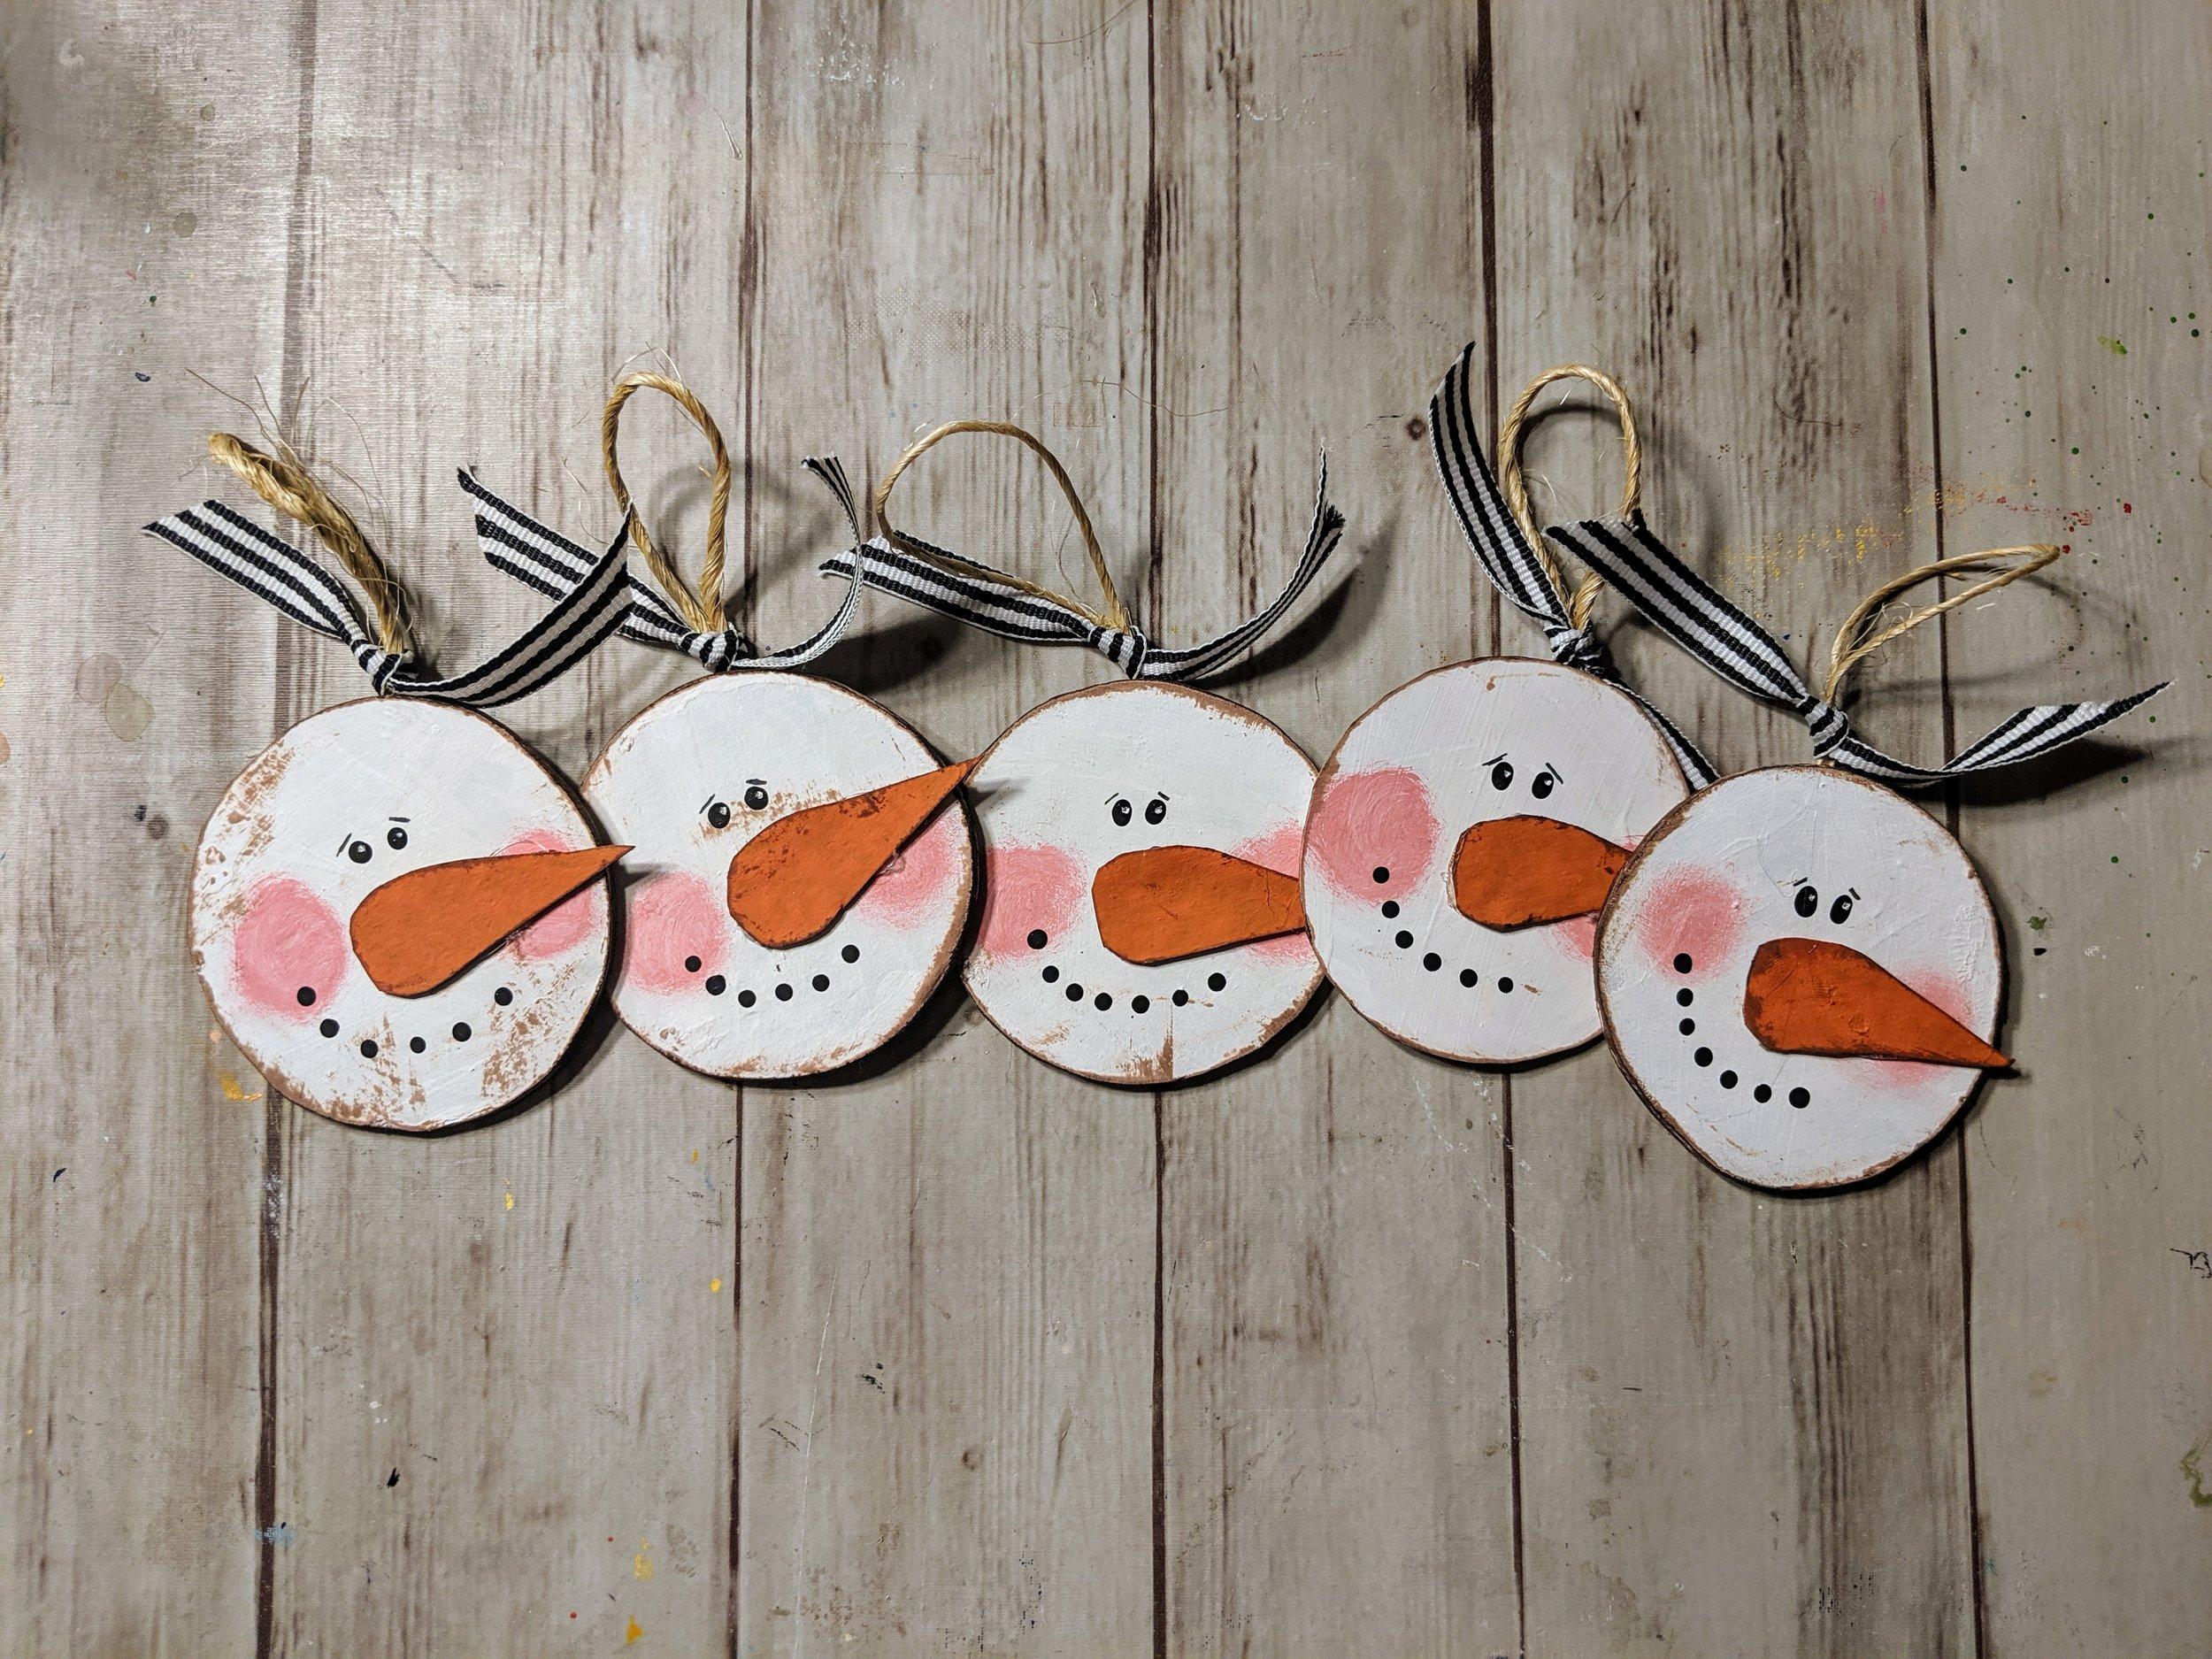 SnowmanRound_All1.jpg